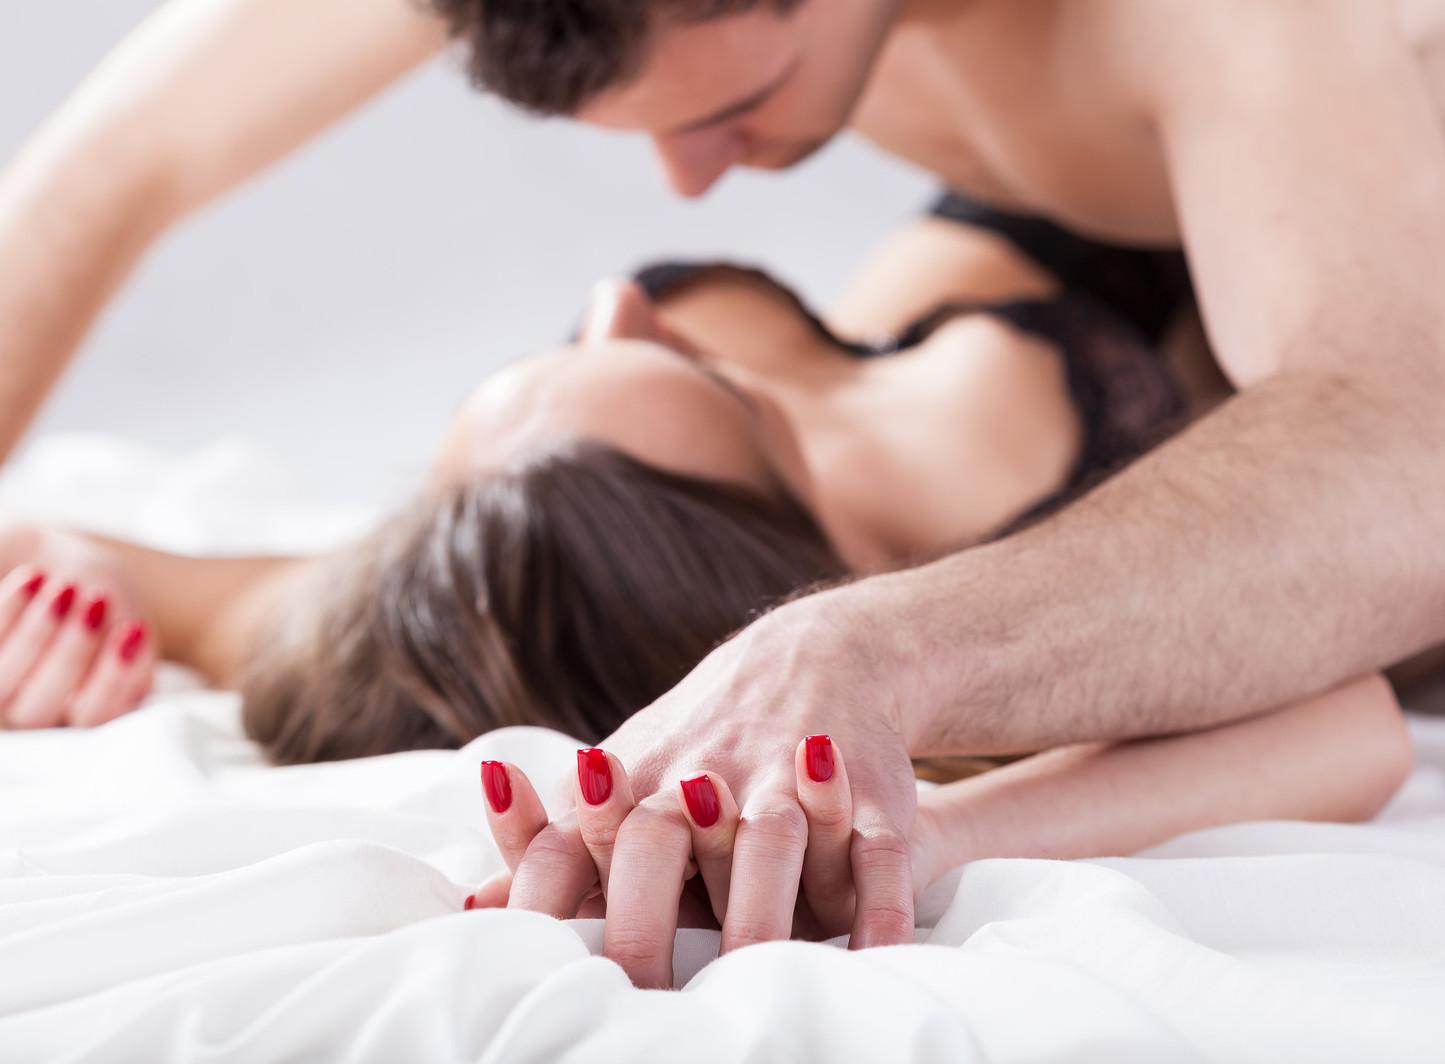 Приятные позы секса для женщины, Позы для секса: 60 лучших поз для занятия сексом 7 фотография